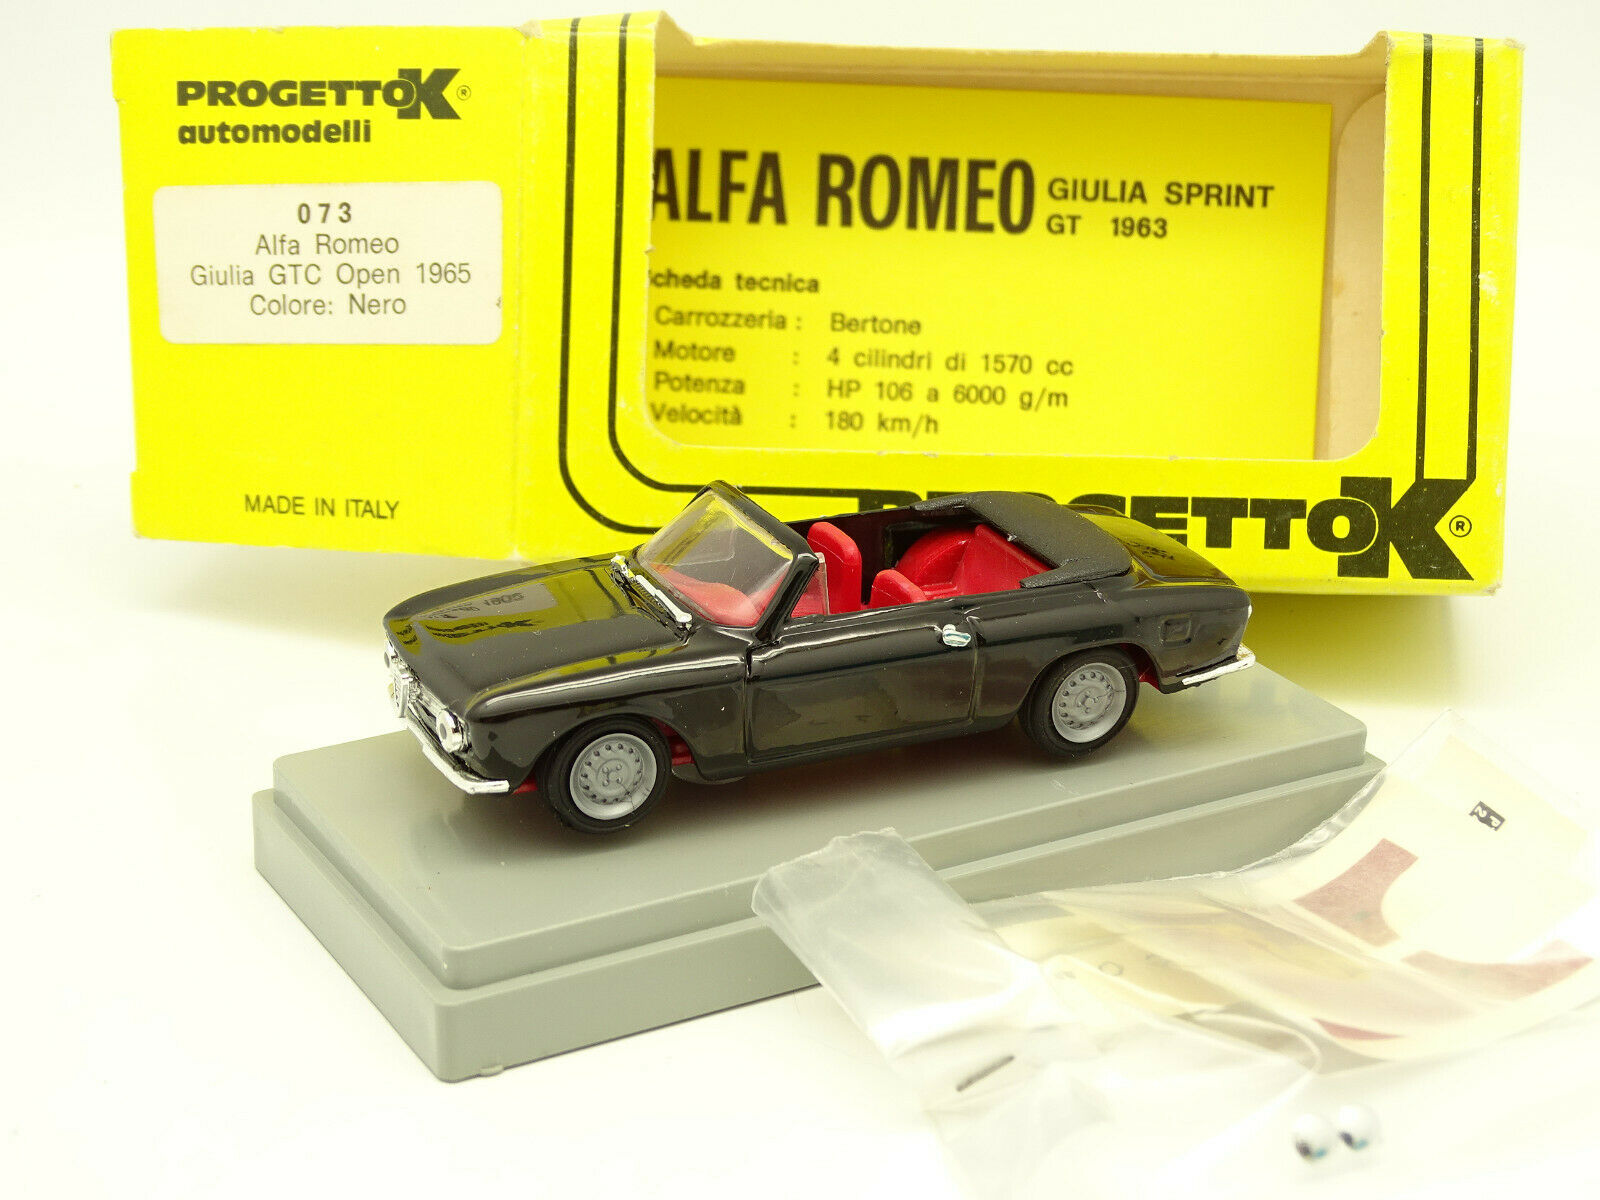 Progetto K 1 43 - Alfa Romeo Giulia GTC Open Negra 1965